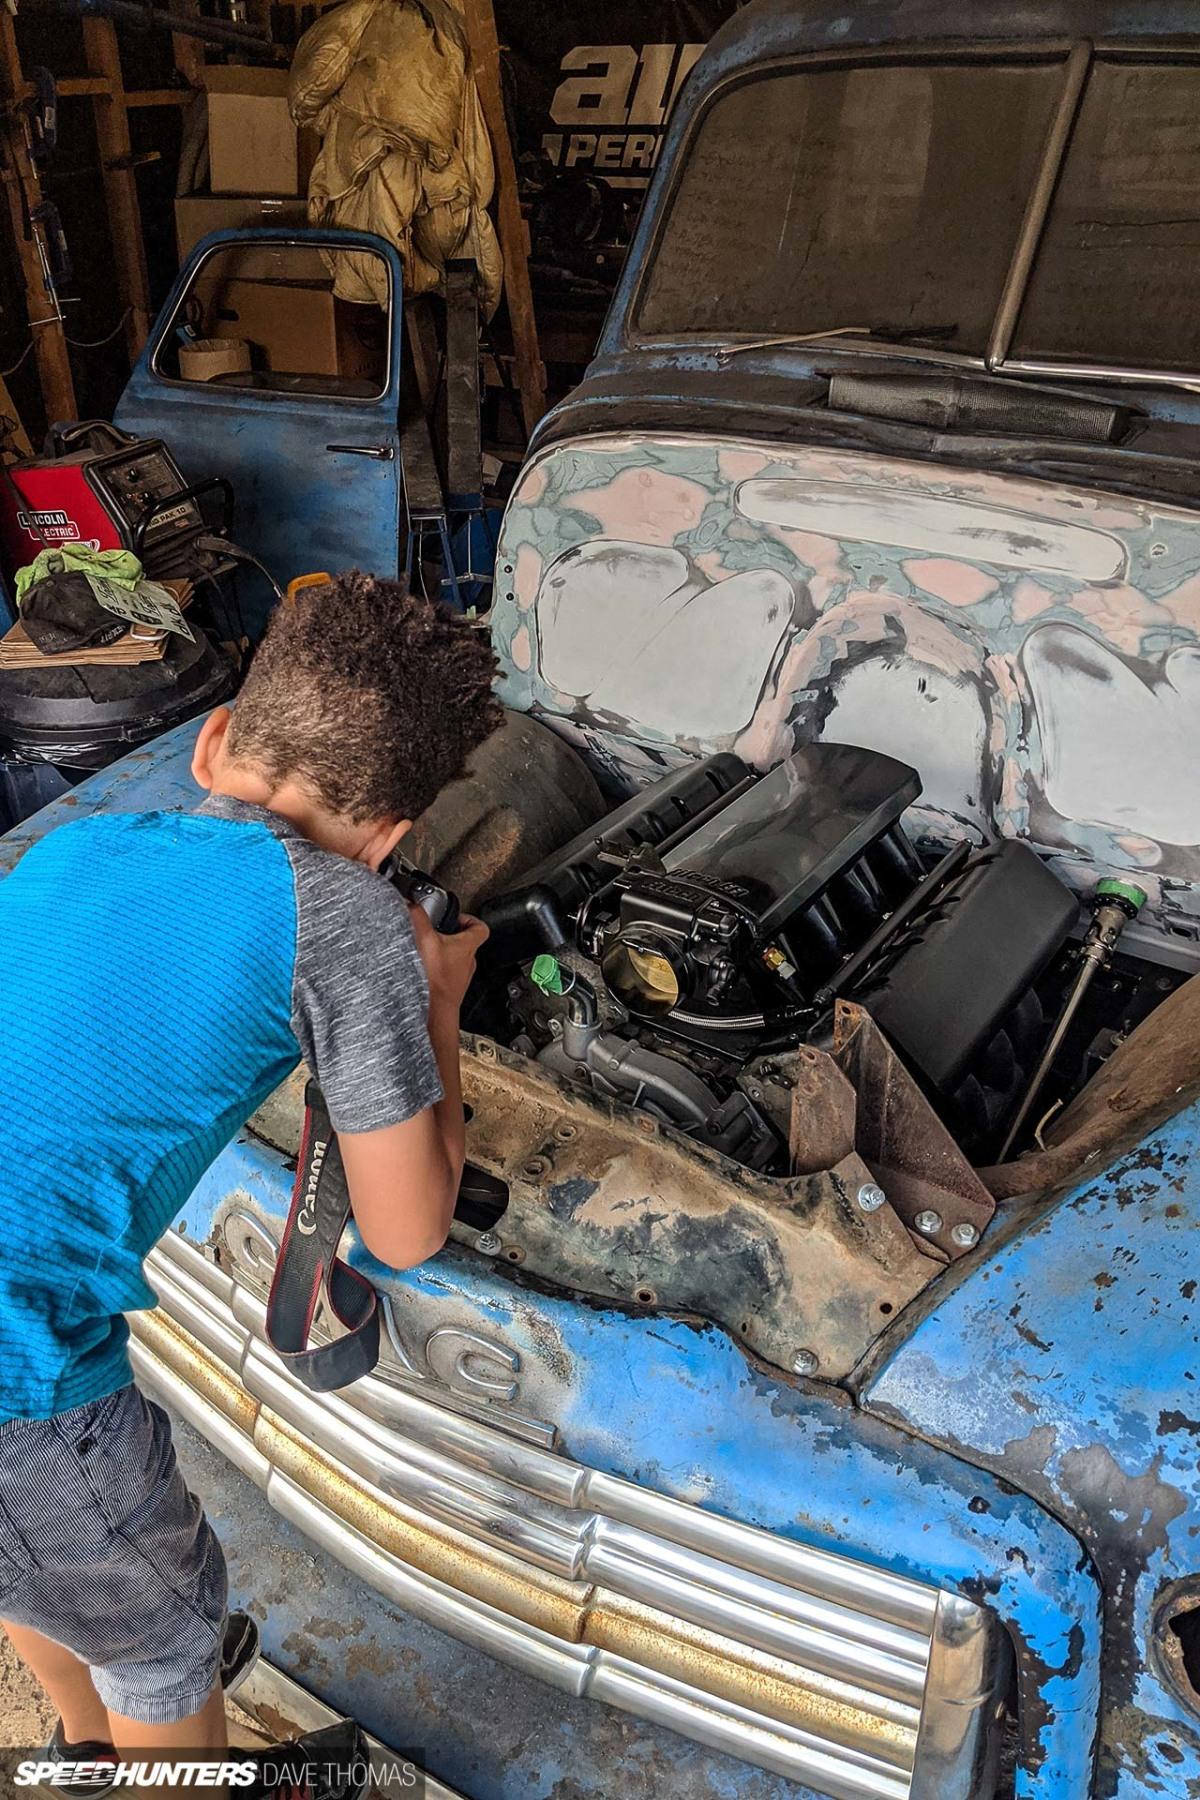 SH-Garage-51-GMC-truck-Dave-Thomas-Speedhunters-pt-2-18a